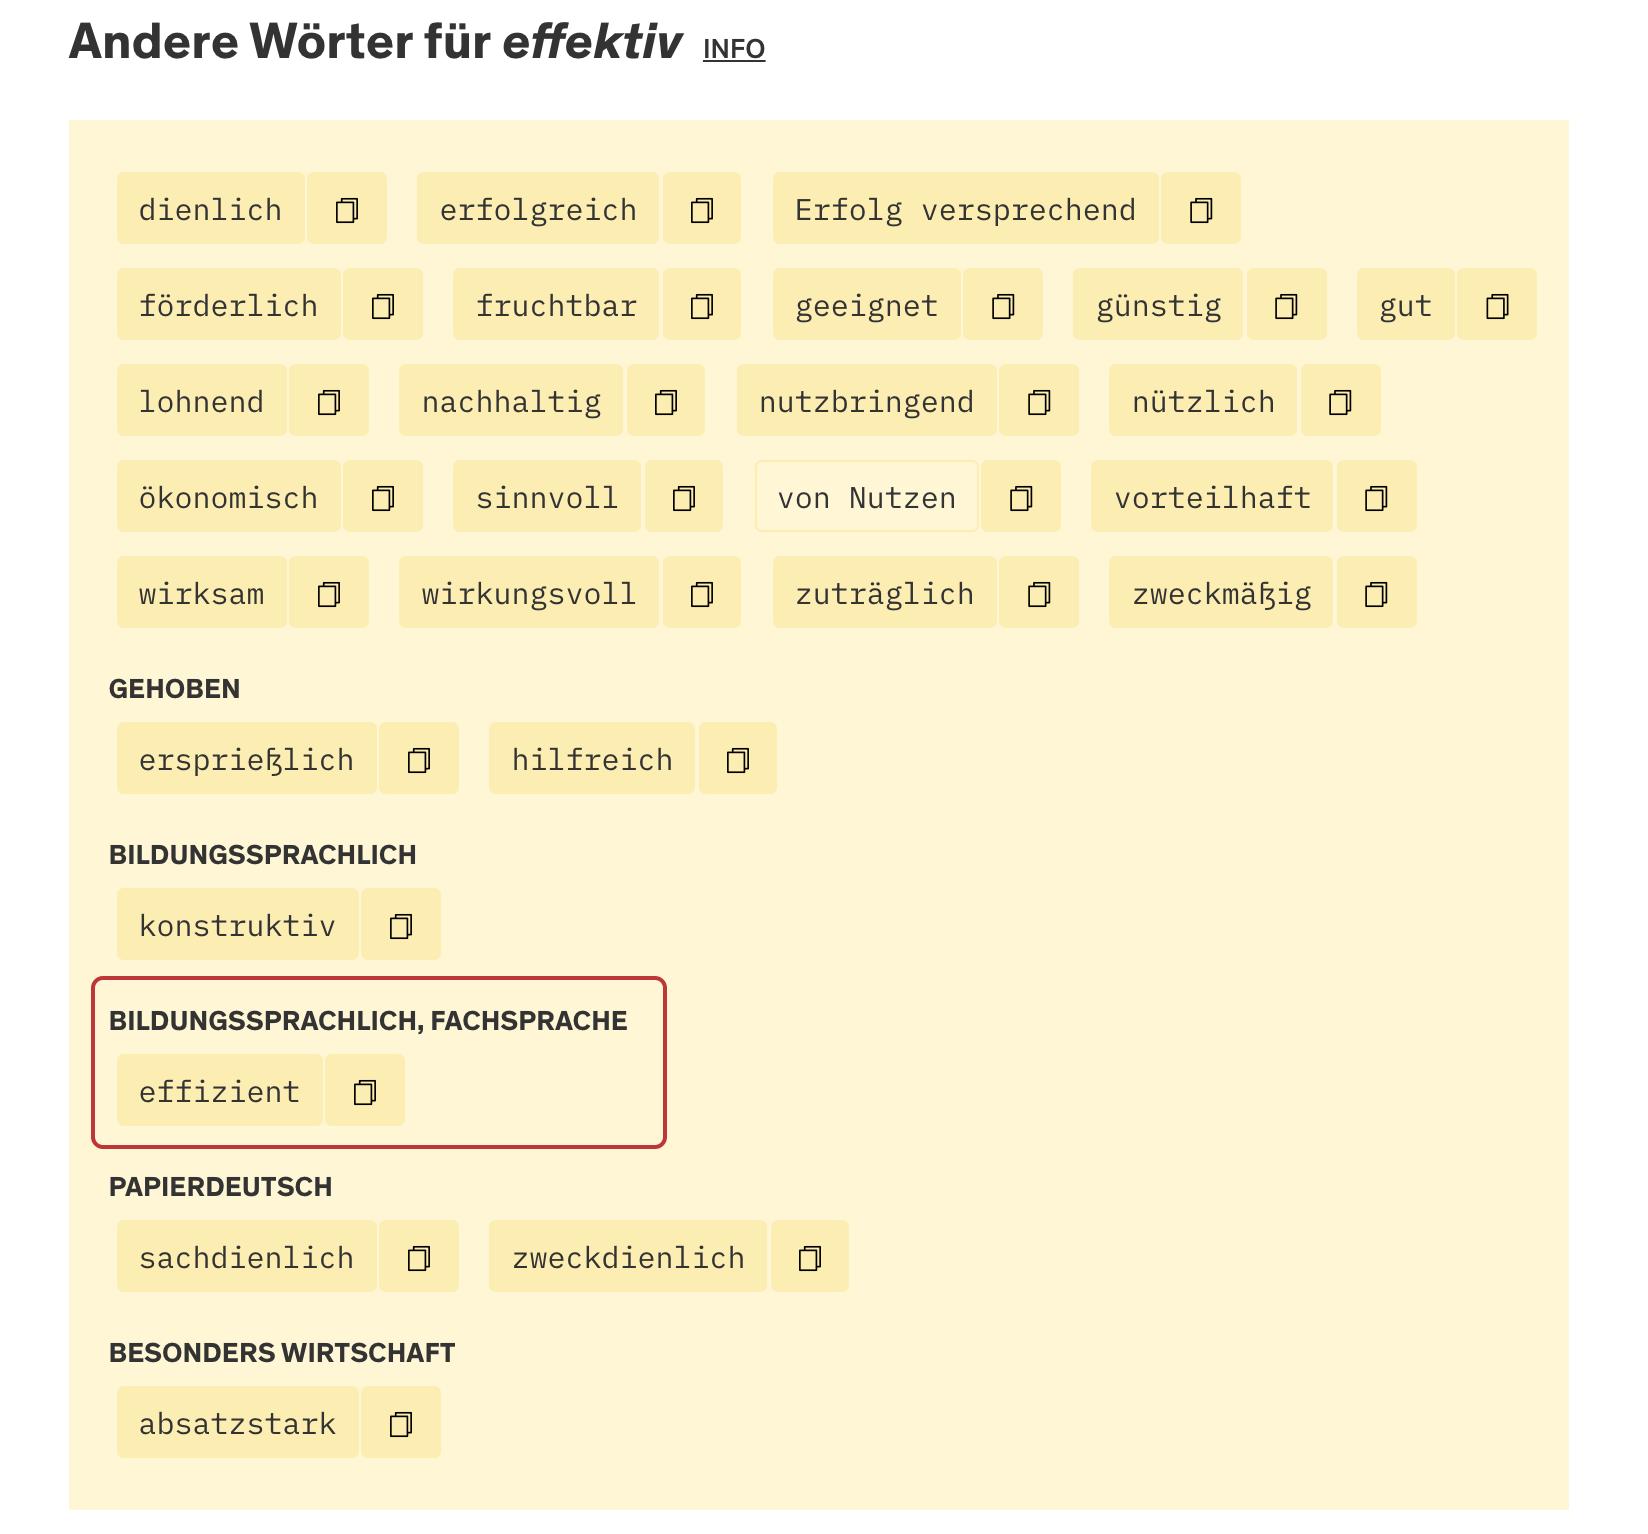 Screenshot Duden Synonyme Wörter im Vergleich